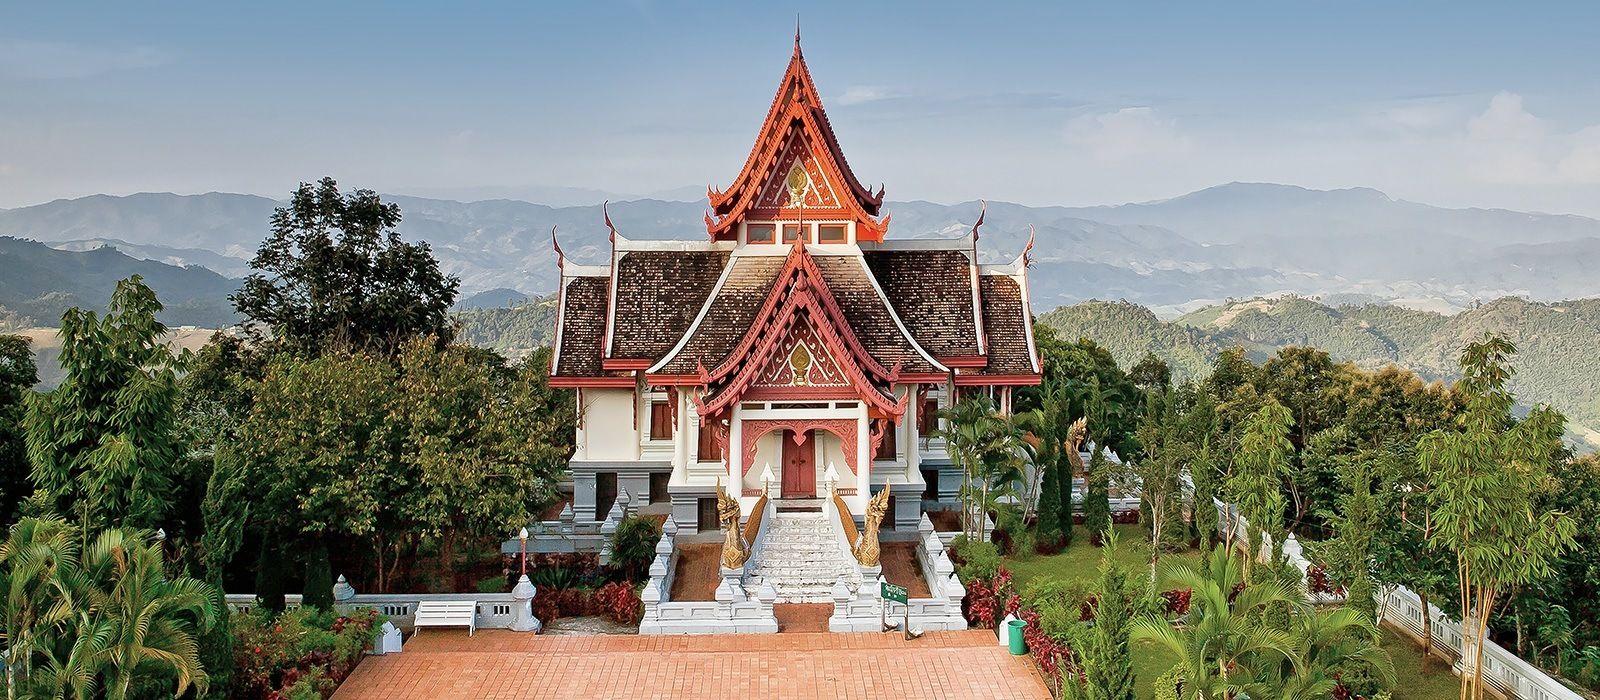 Staunen, Shoppen & Sonnen in Thailand Urlaub 1